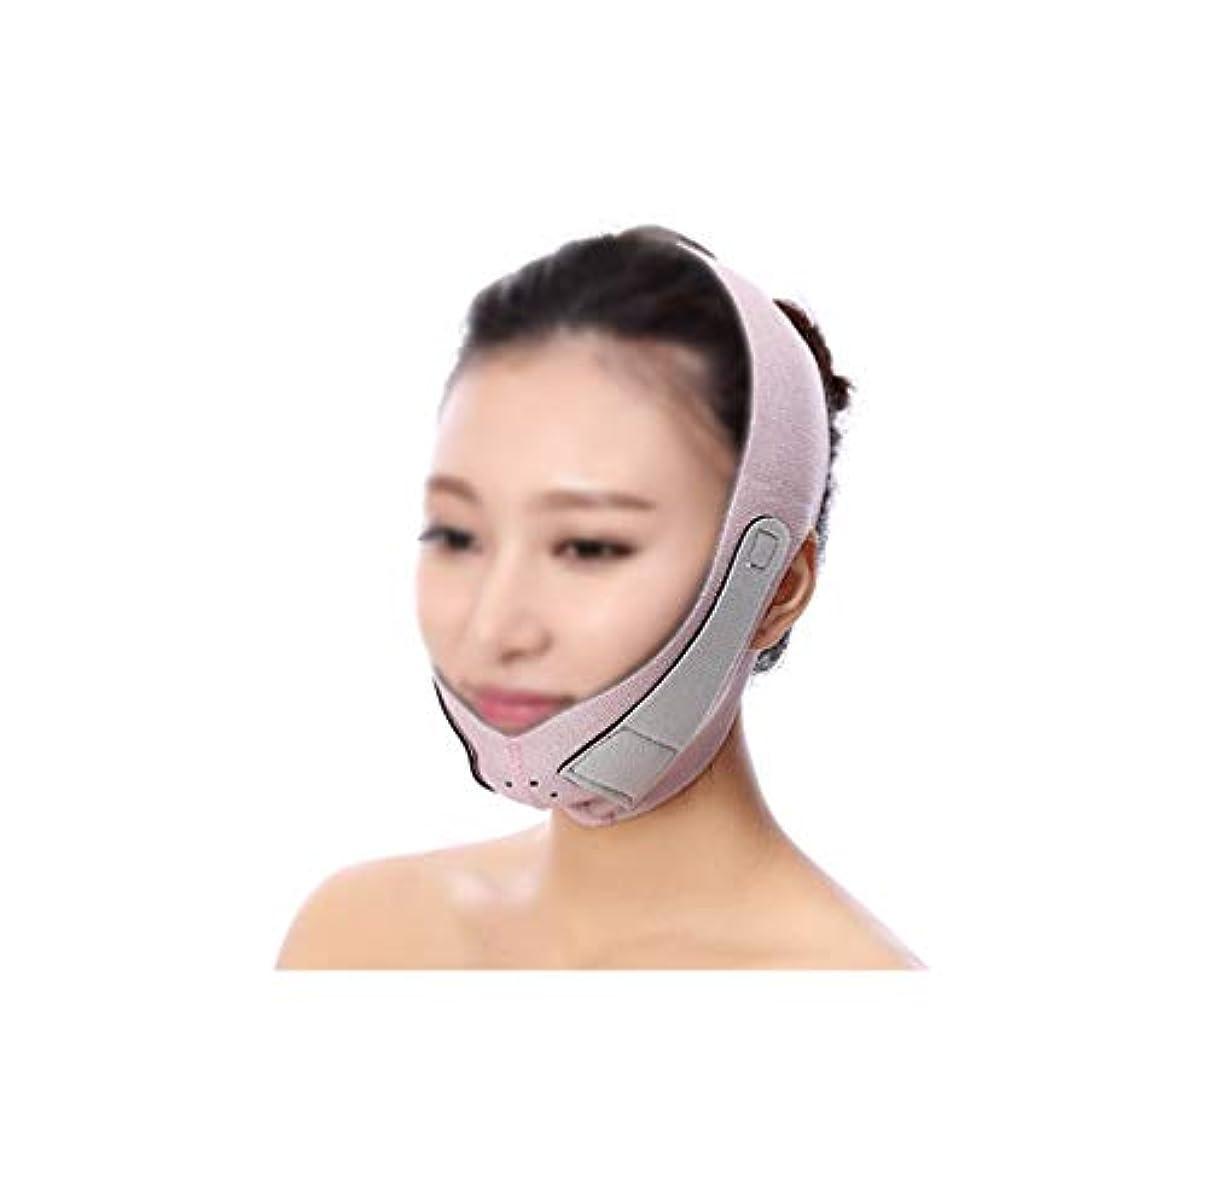 地下鉄むき出し把握TLMY 薄い顔マスクあごストラップ回復包帯小さなV顔薄い顔アーティファクト睡眠強力なマスクフェイスリフティング包帯フェイシャルリフティングダブルチンリフティング引き締め 顔用整形マスク